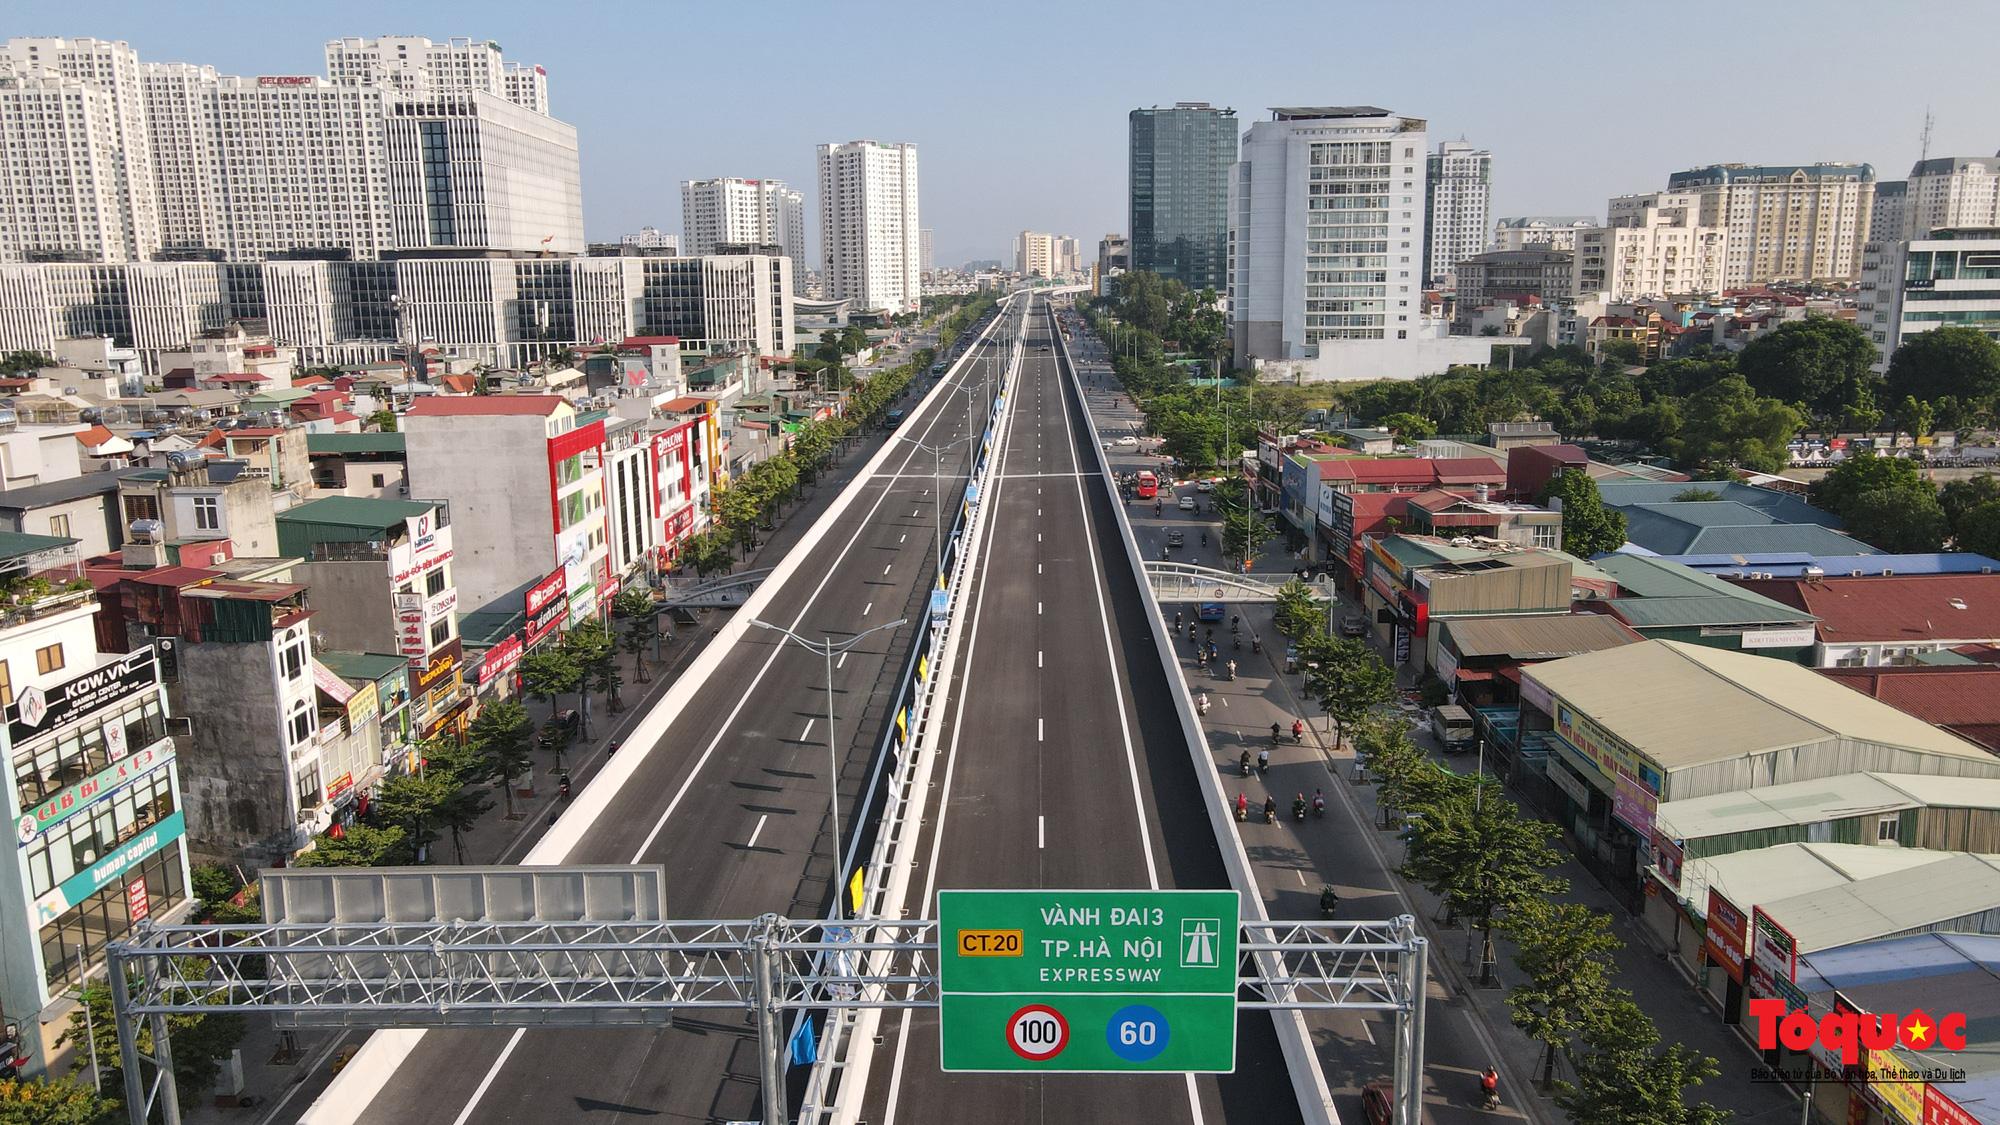 Dấu ấn những công trình giao thông tạo nên diện mạo mới cho Thủ đô Hà Nội năm 2020 - Ảnh 3.